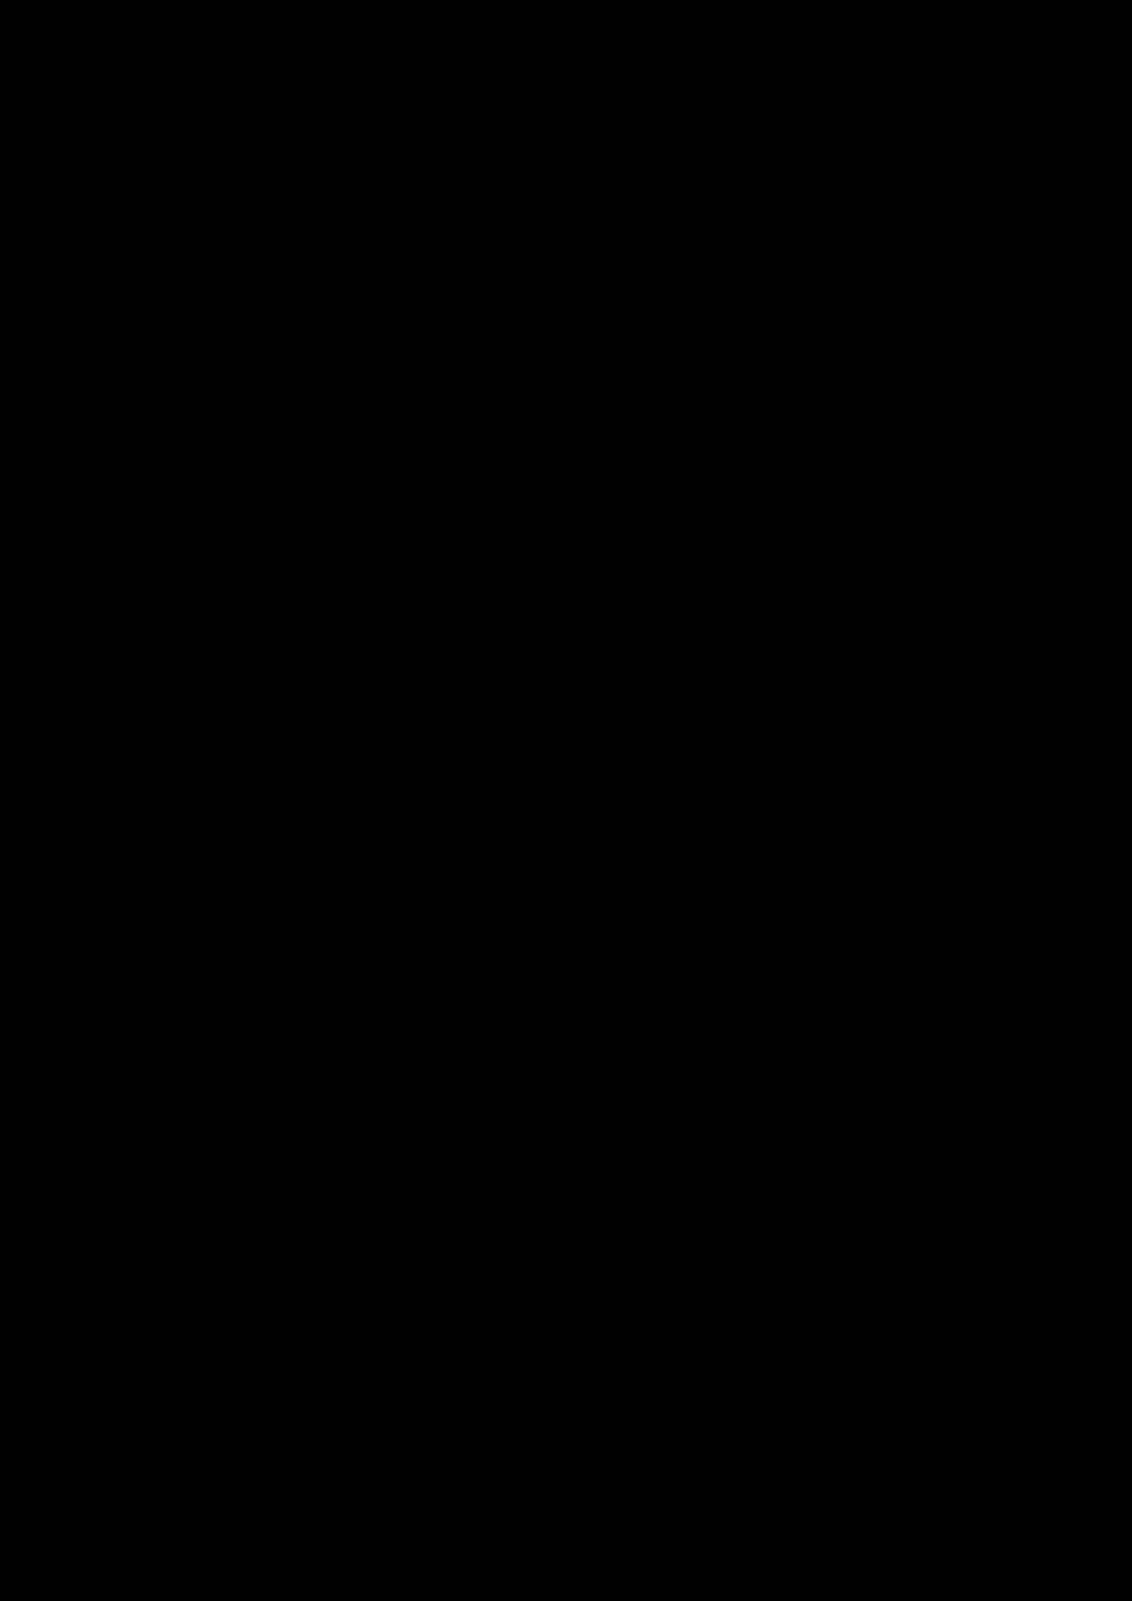 Zagadka volshebnoy stranyi slide, Image 118